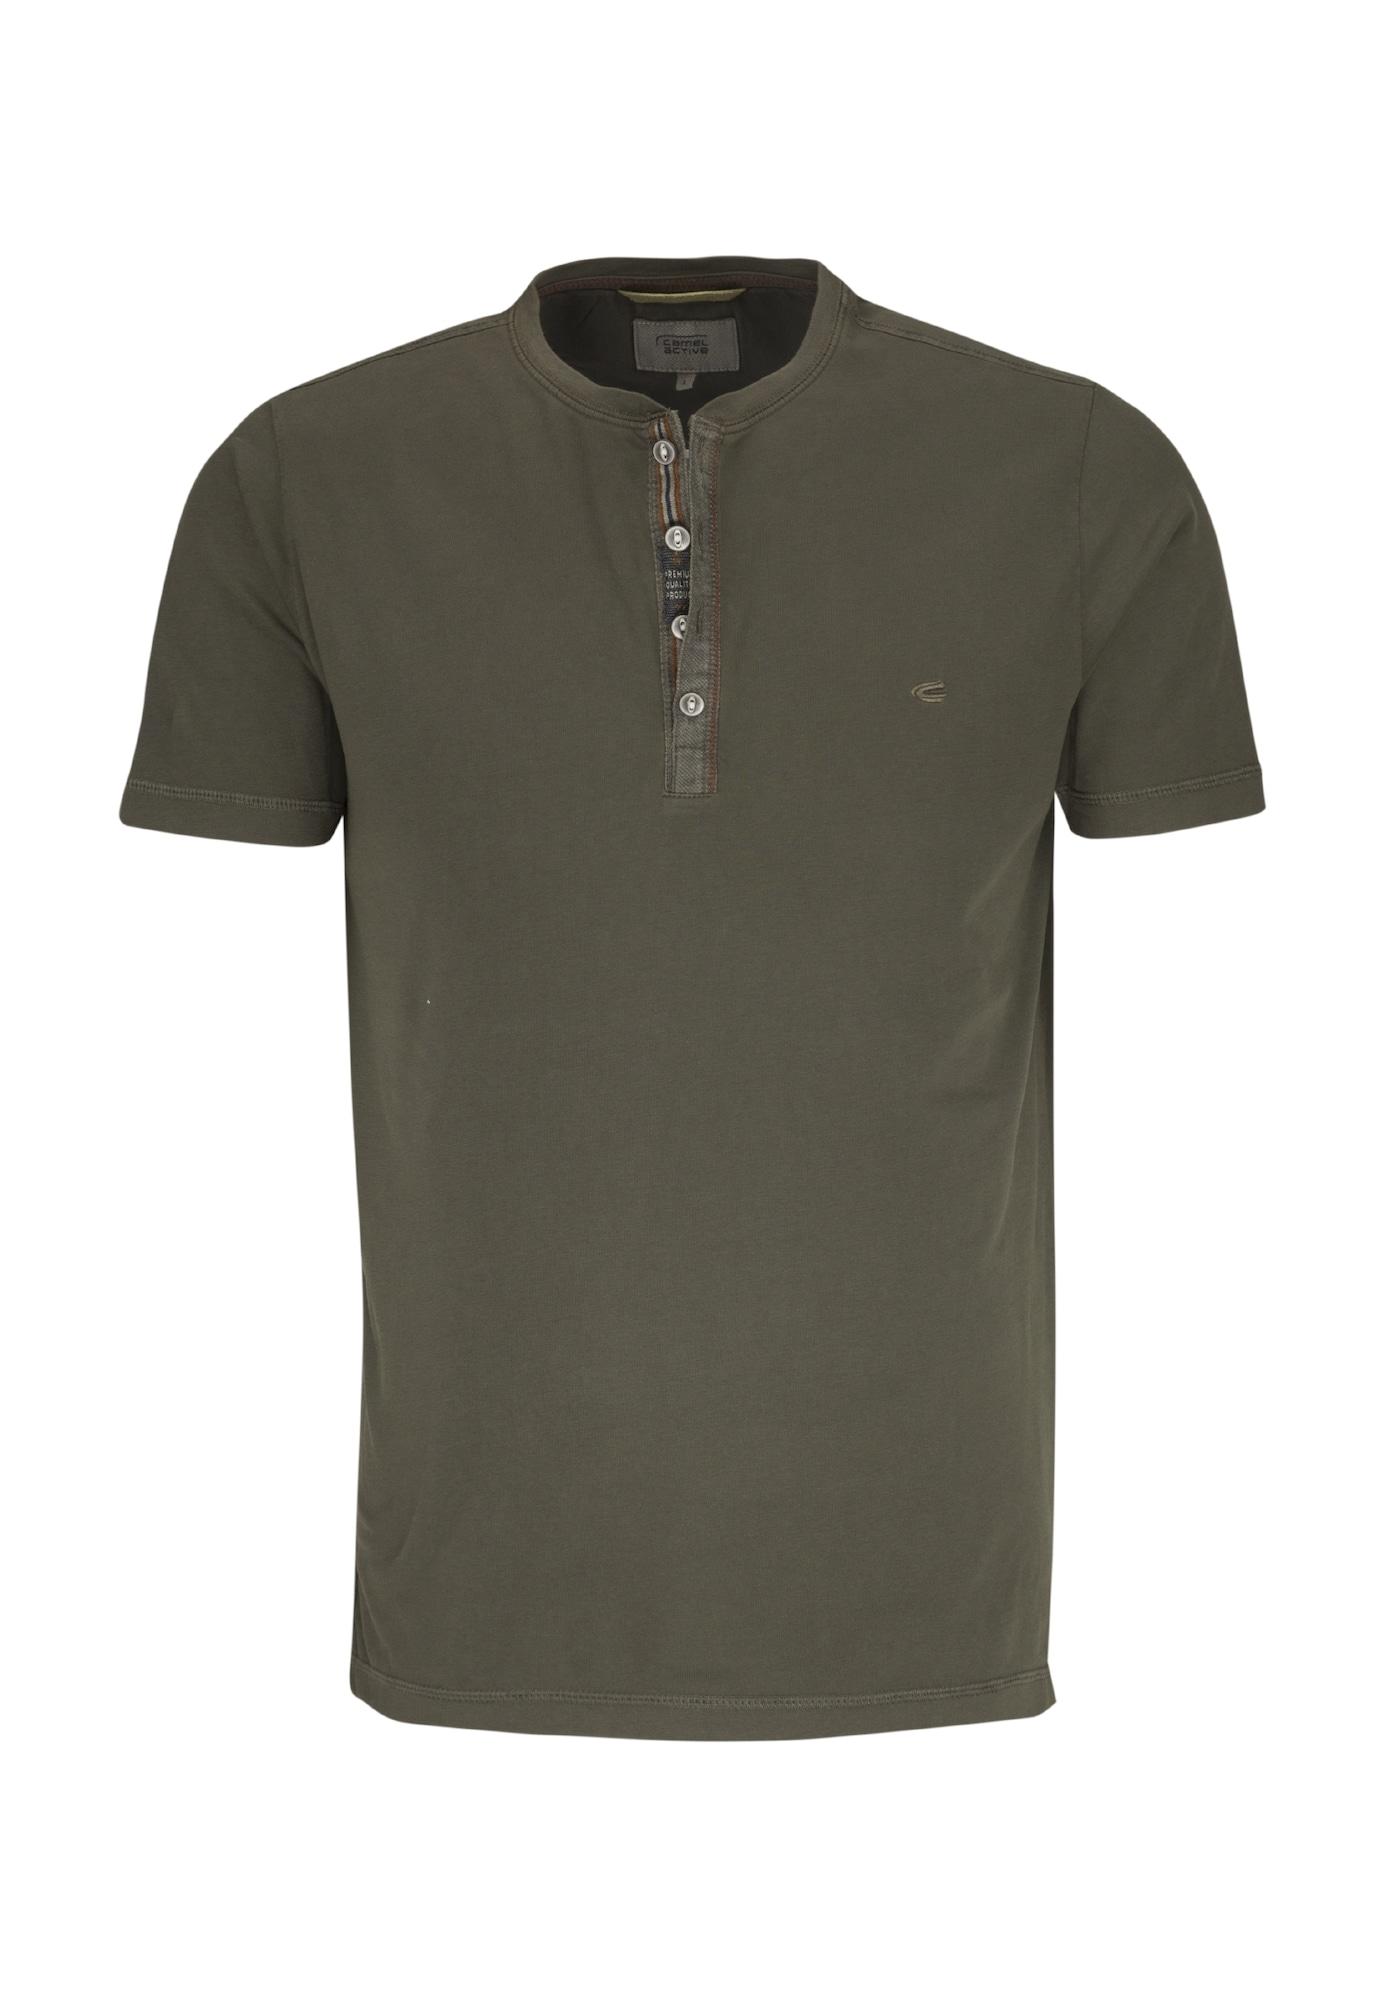 T-Shirt | Bekleidung | camel active